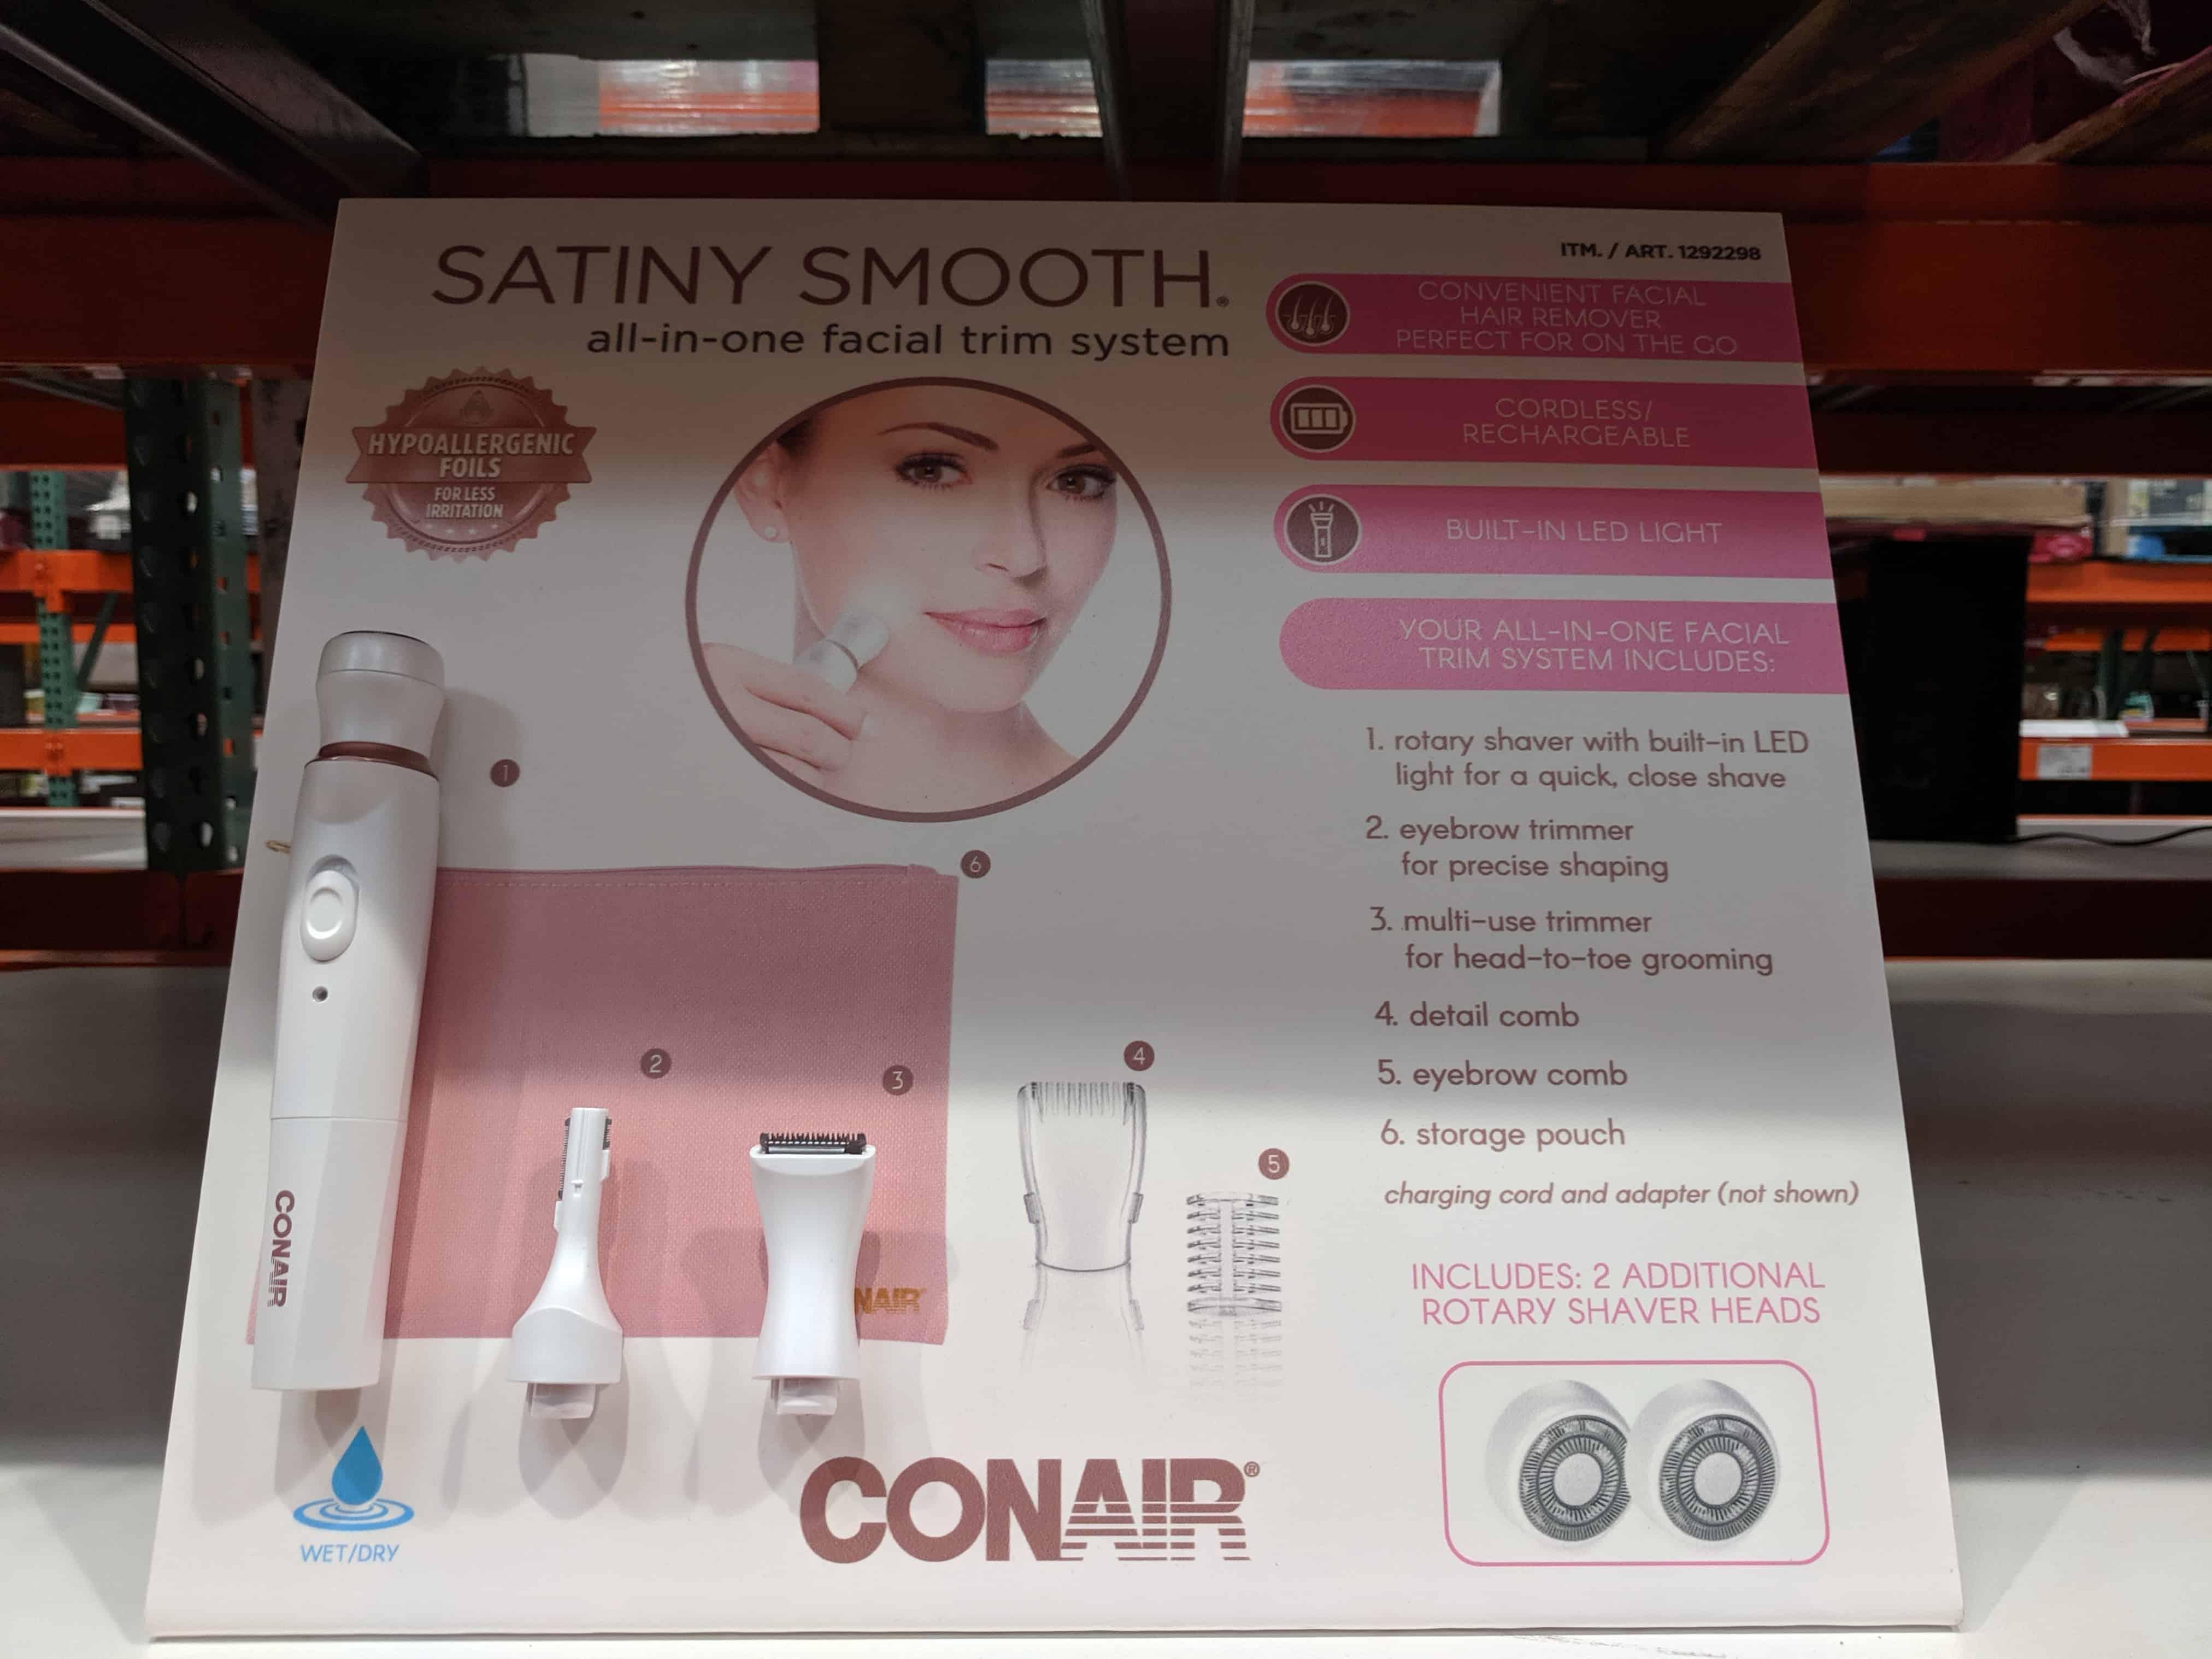 Costco Conair Facial System